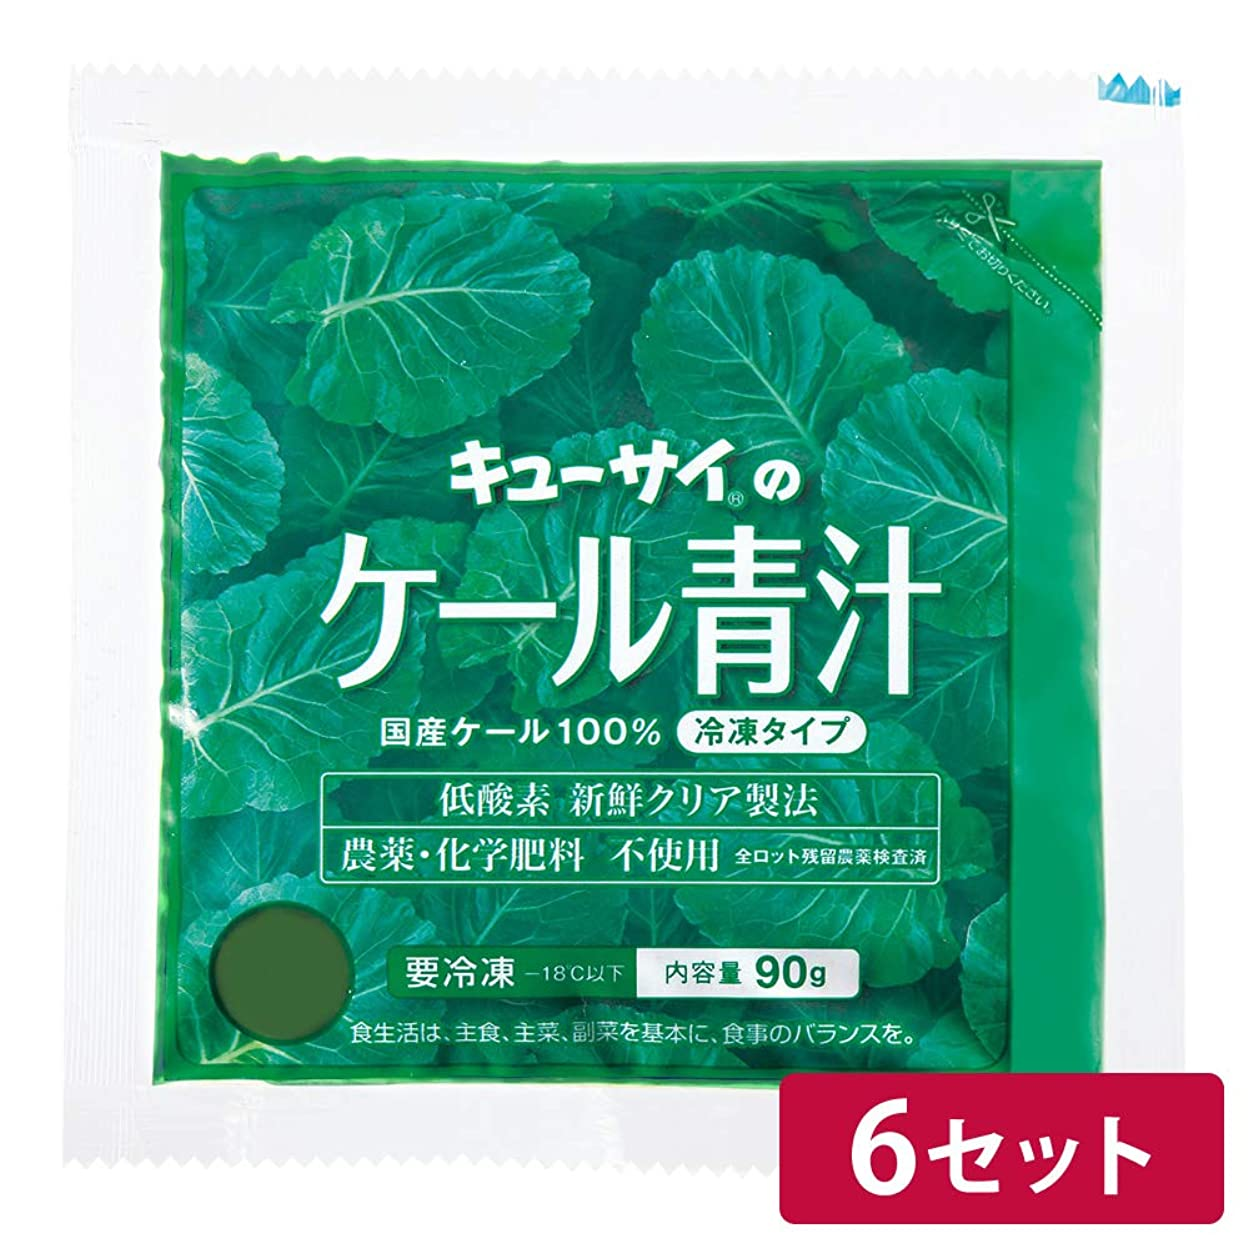 ガロン反乱スキャンダラスキューサイ青汁(冷凍タイプ)6セット/(90g×7袋)×6 国産ケール100%青汁